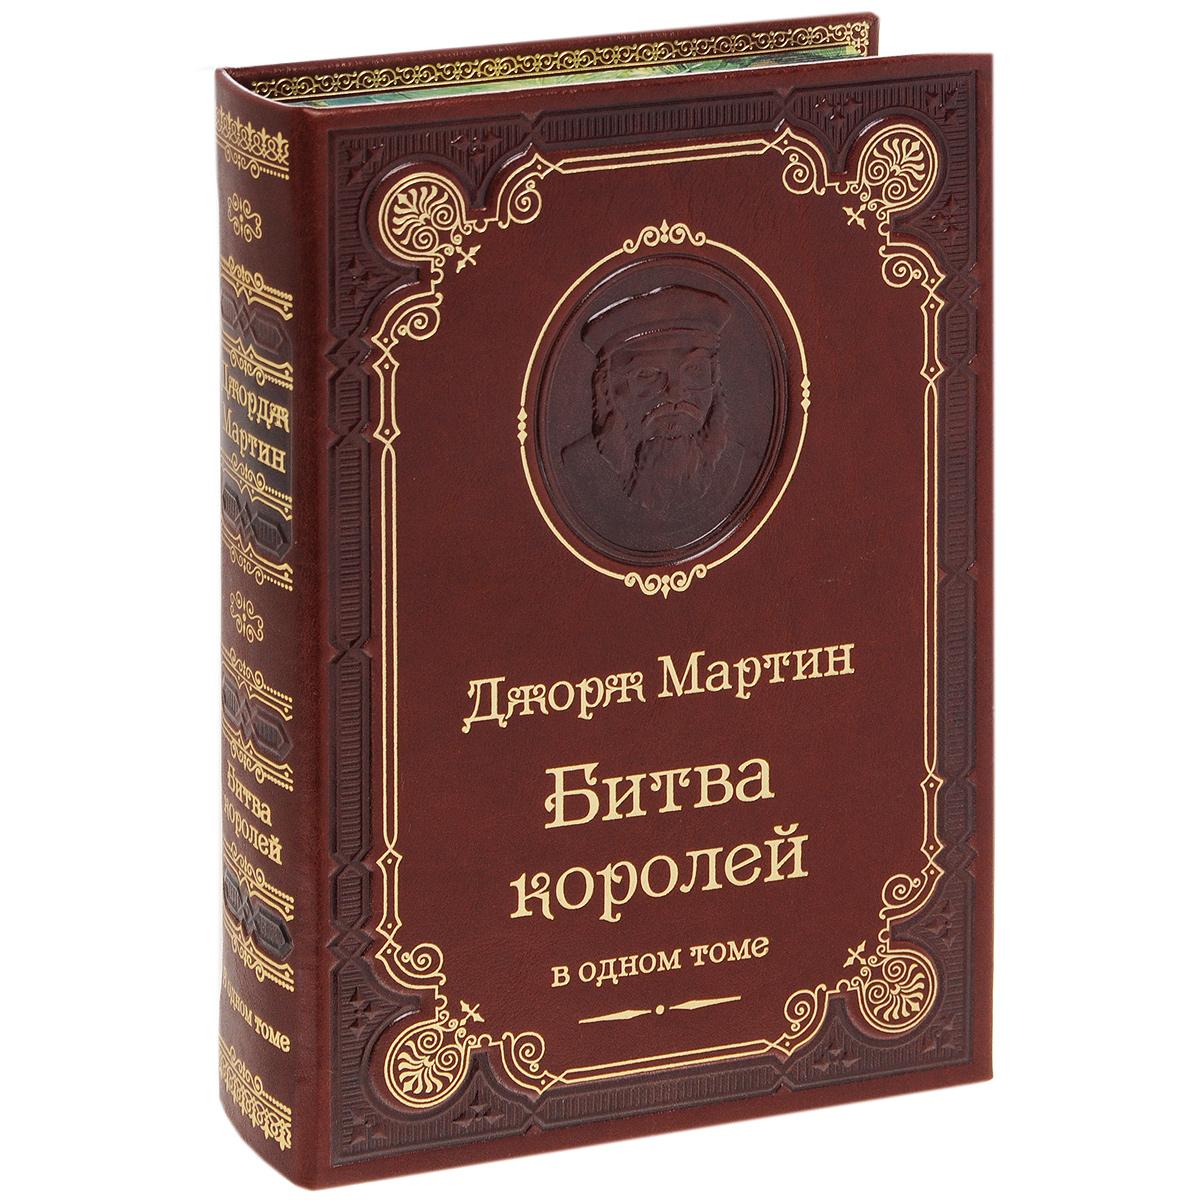 Джордж Мартин Битва королей (подарочное издание)